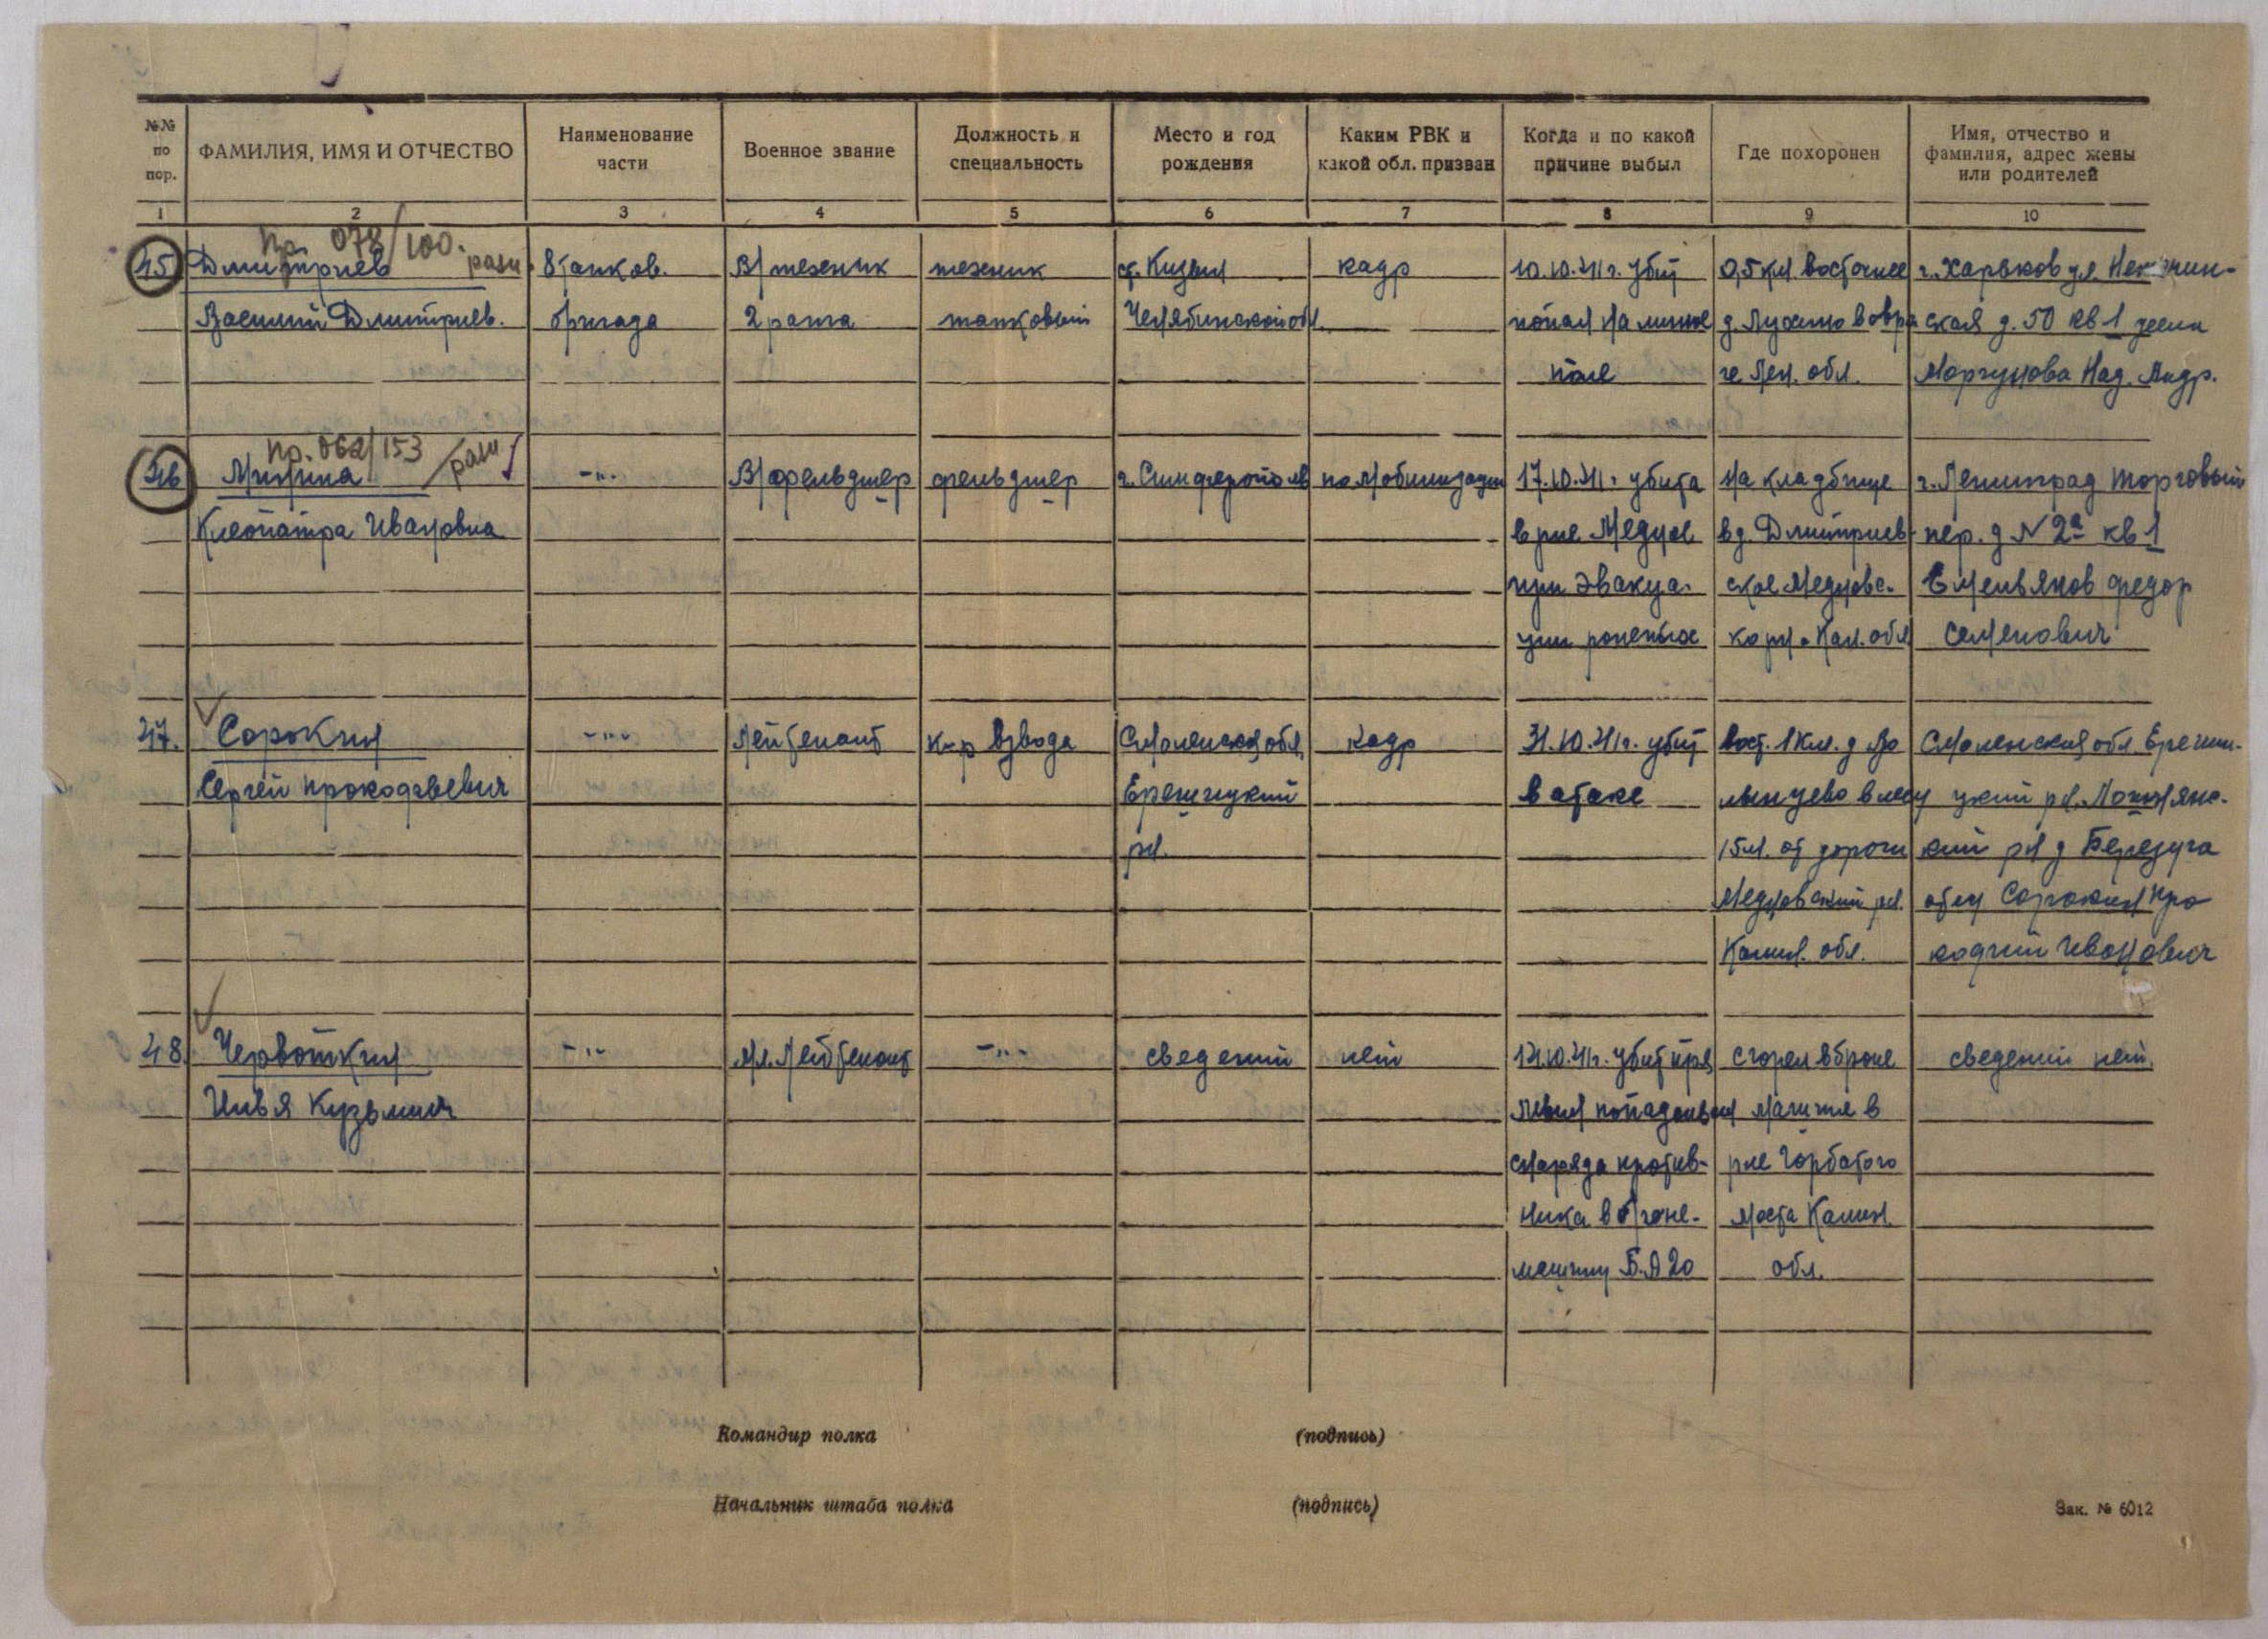 Полный официальный список захороненных в Медном - Страница 2 Imagelink?path=cc2da1d7-2053-49ce-ba8c-b60f7154cc76